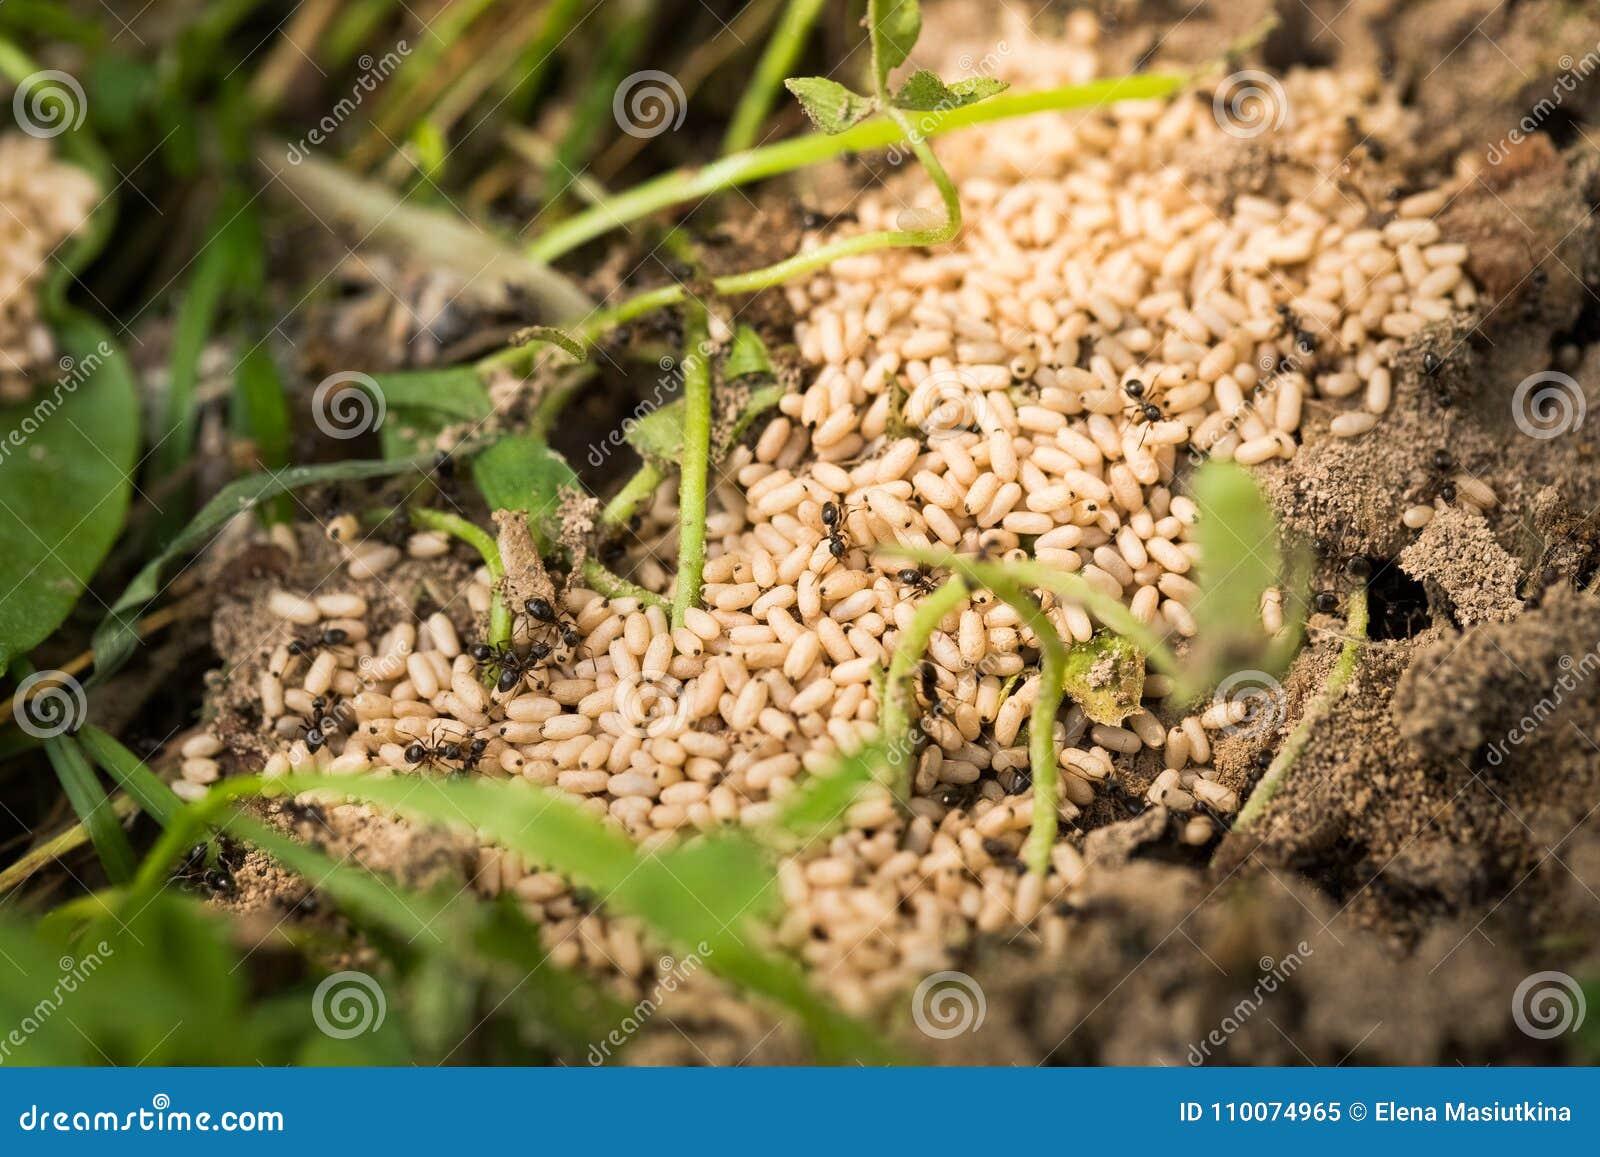 Crisálida De Las Hormigas De Los Huevos En Verano Del Jardín Imagen ...